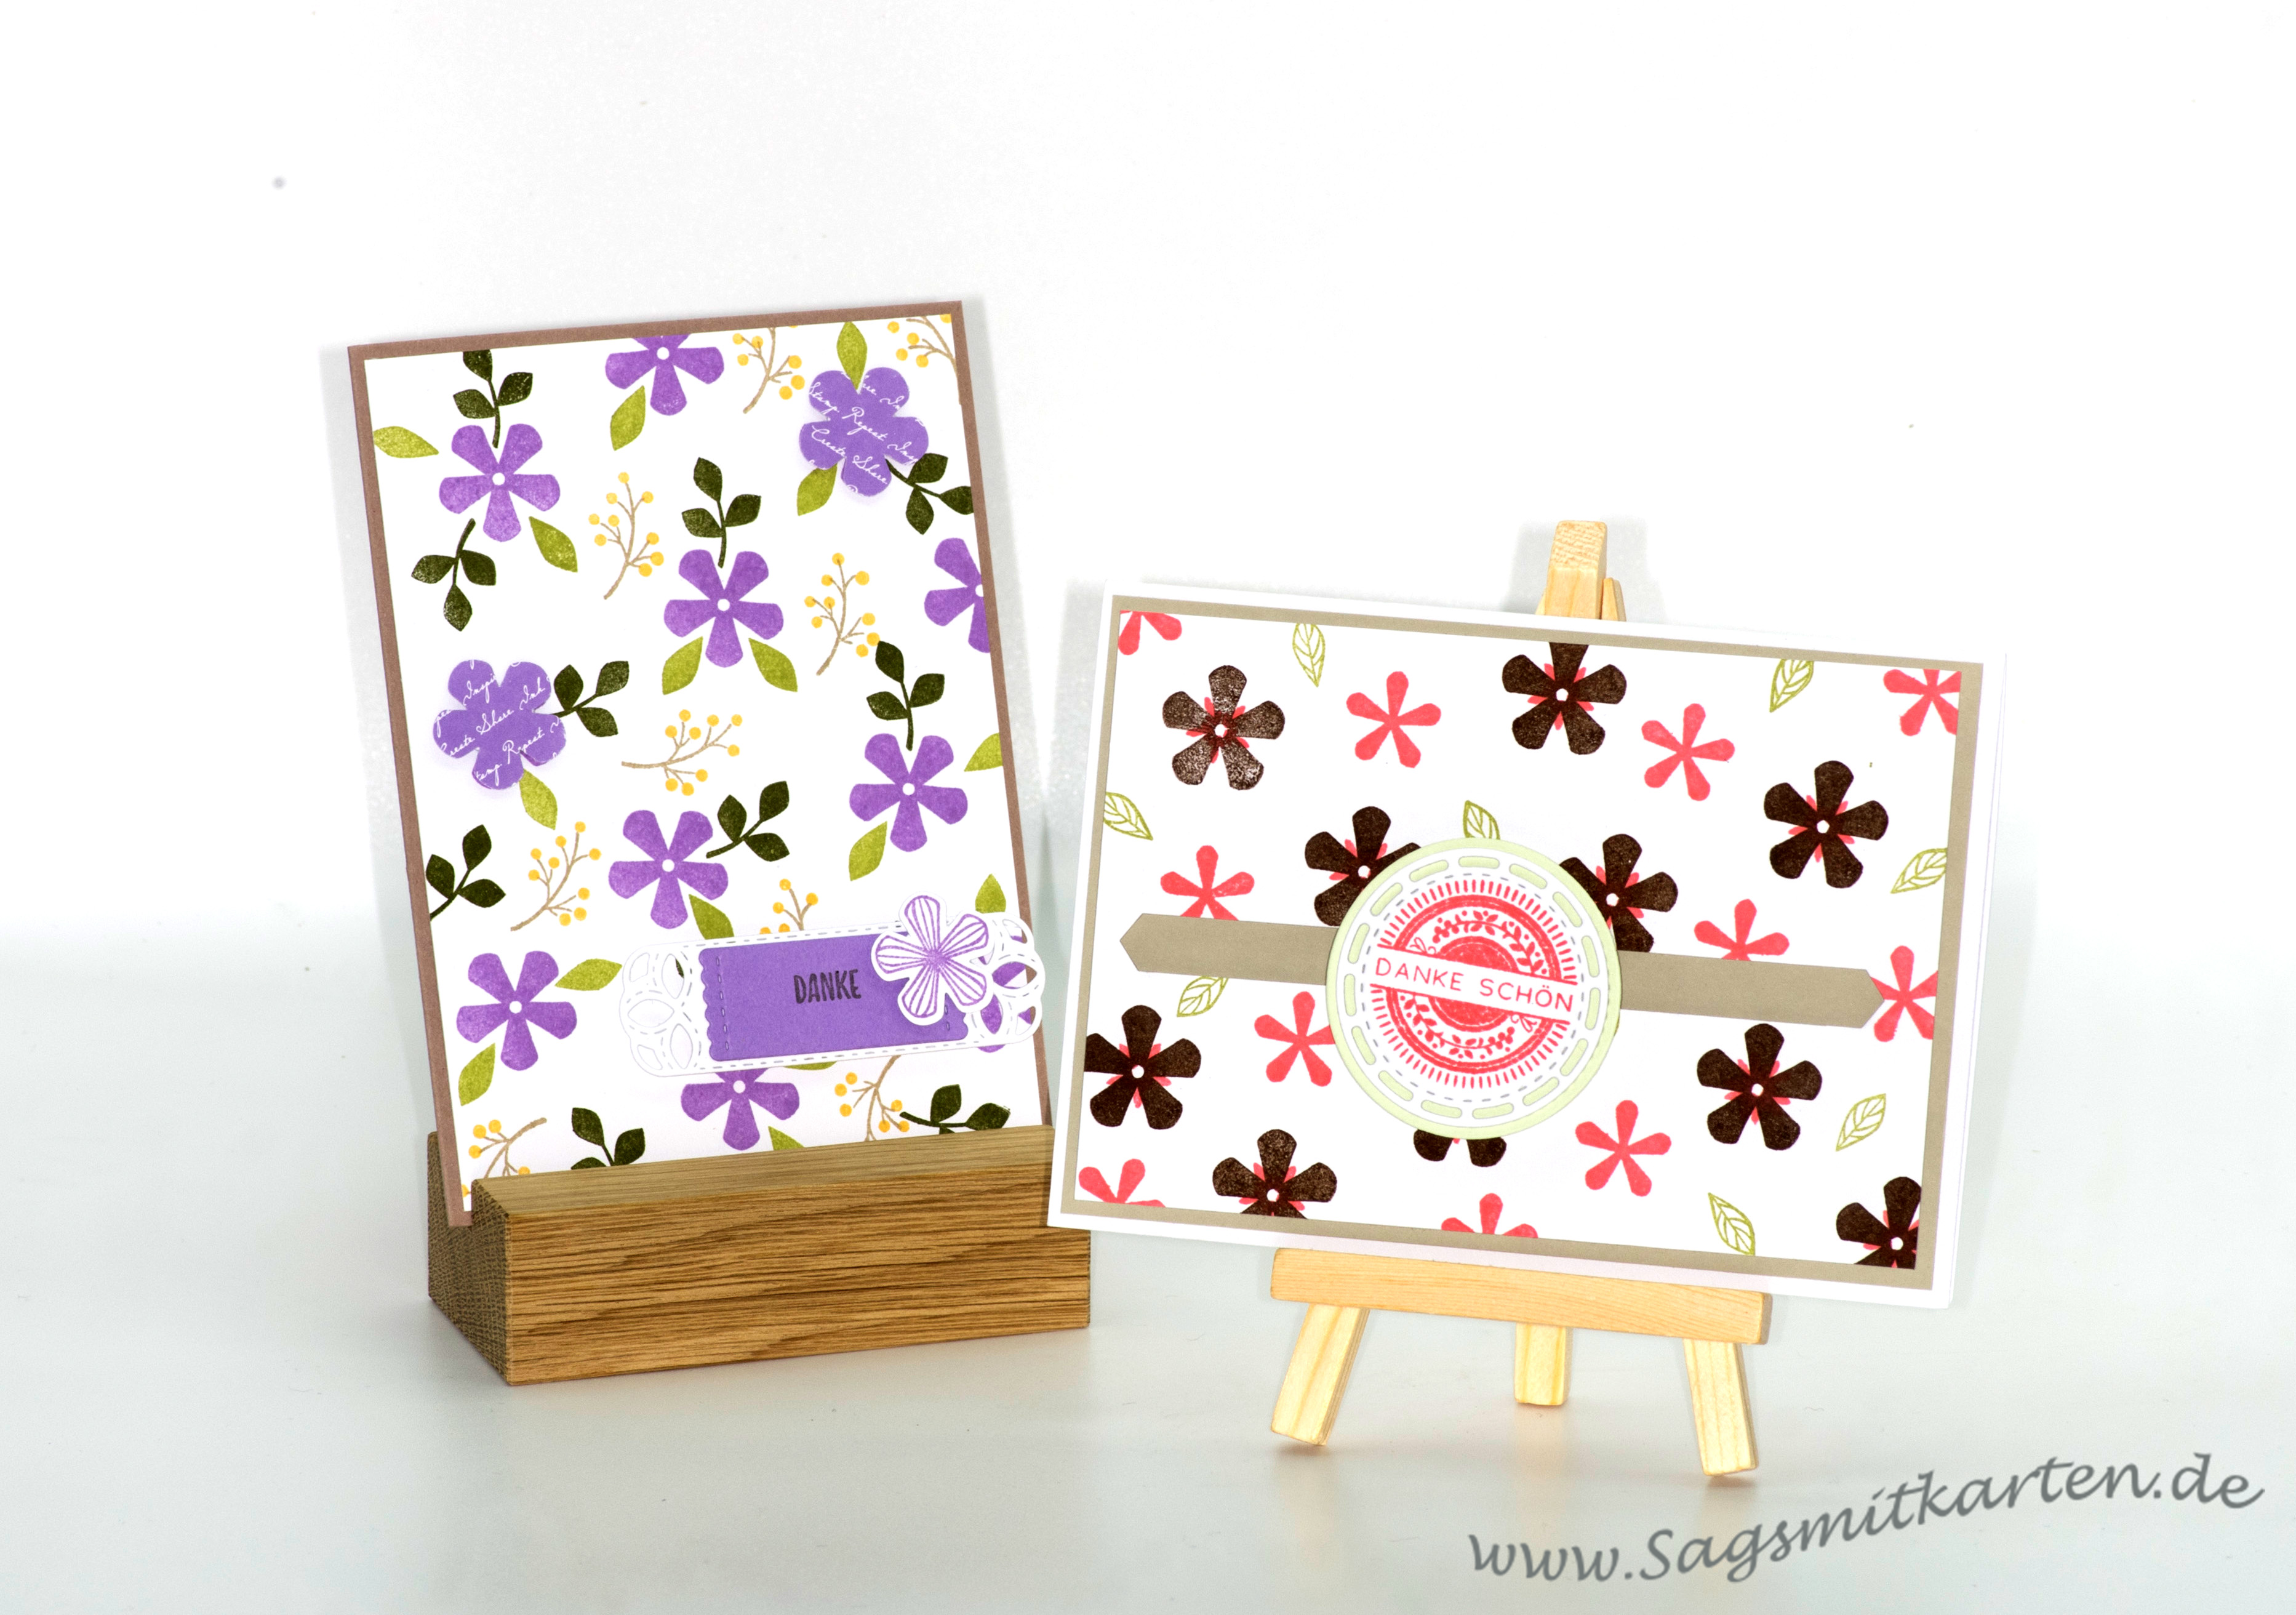 Stanze kleine Blume   –     Sale-A-Bration 2020